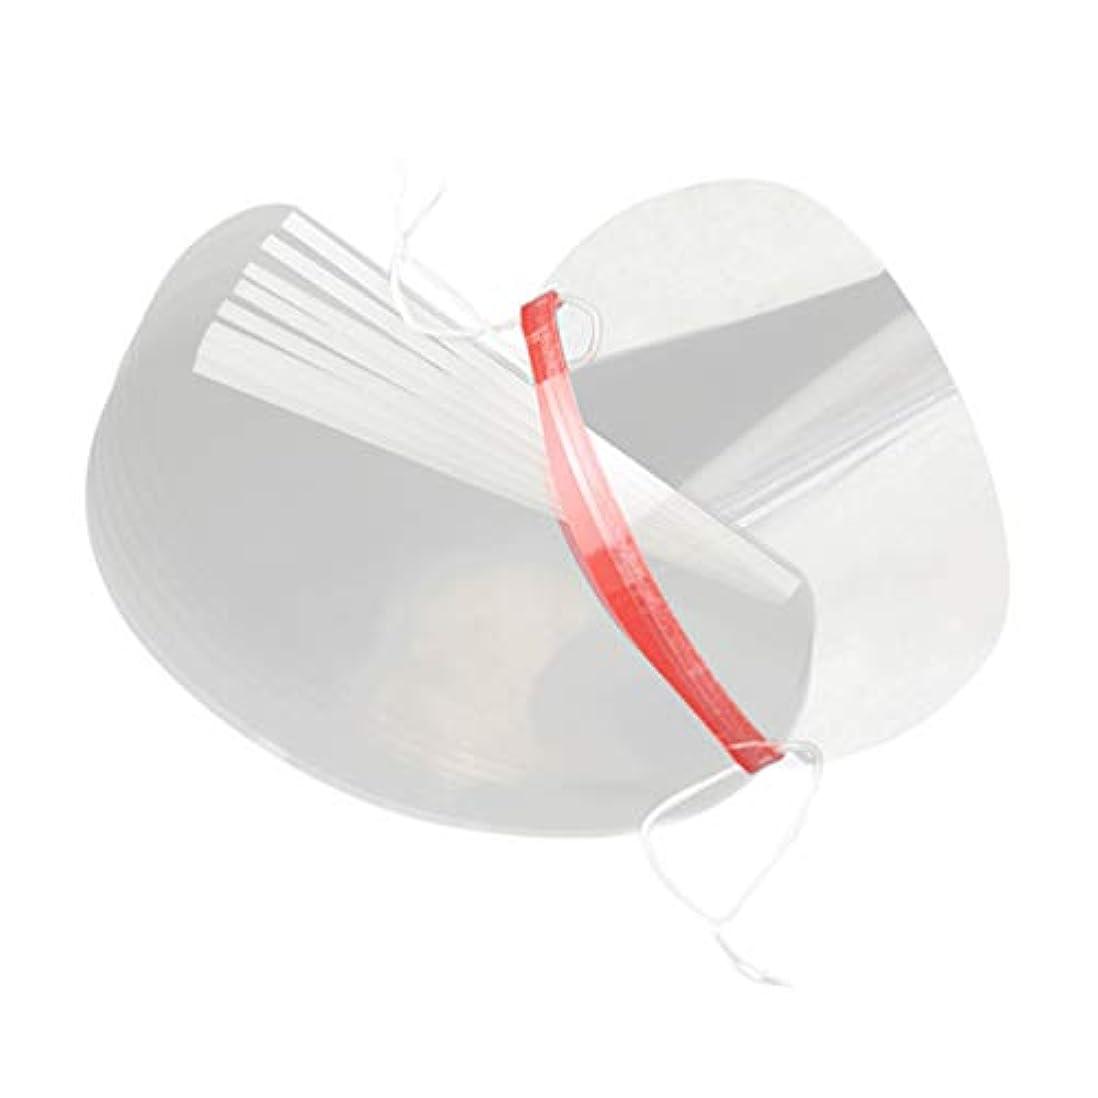 いじめっ子固体ブランチLurrose 理容ヘアサロン マスク多機能透明プラス フェイスプロテクター散髪目シールド 理髪ヘアスプレーシールドマスクバッフル 50pcs